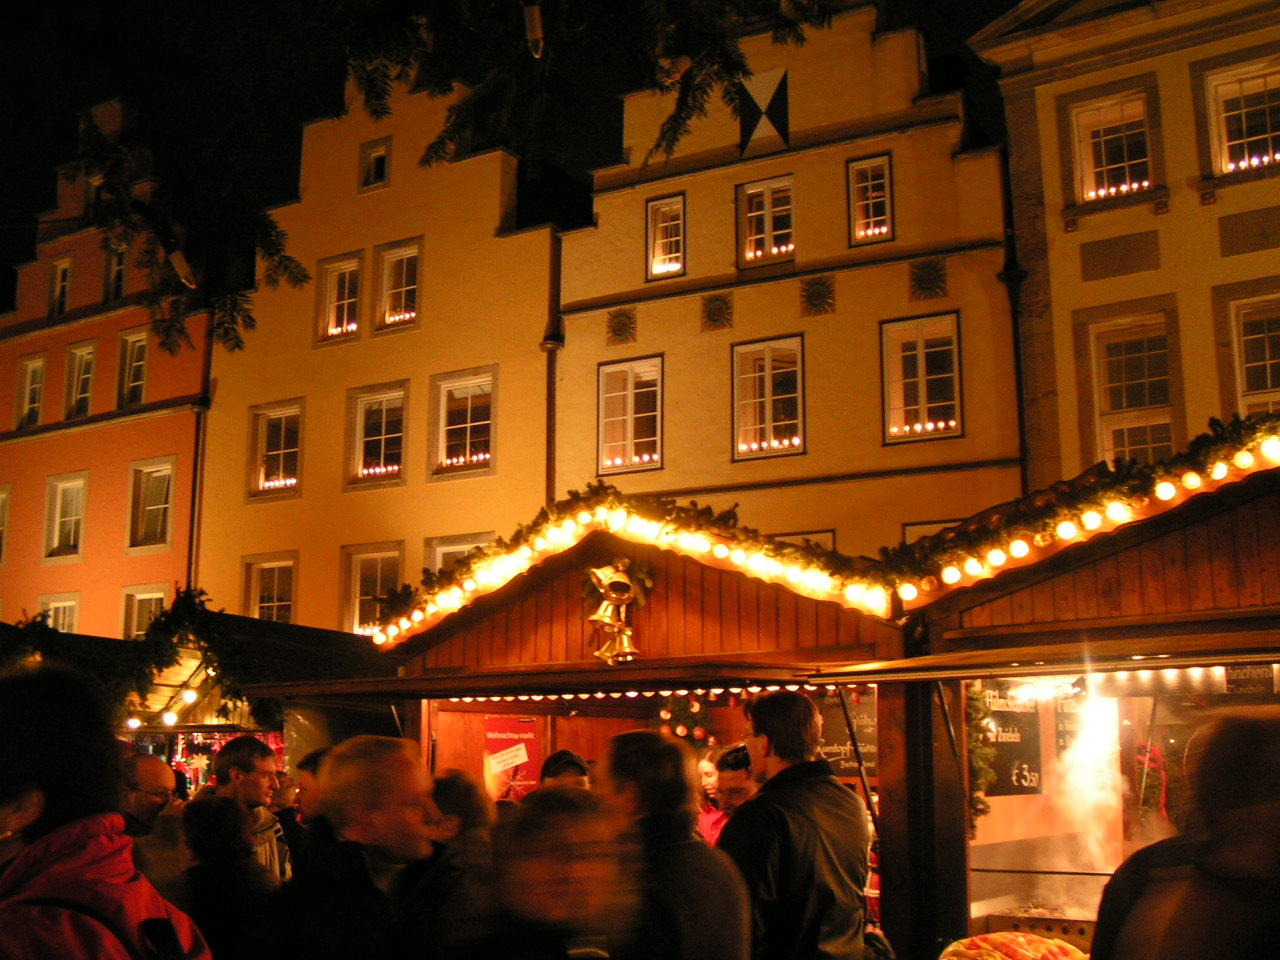 Weihnachtsmarkt Osnabrück.Datei Osnabrück Weihnachtsmarkt 3 Jpg Wikipedia